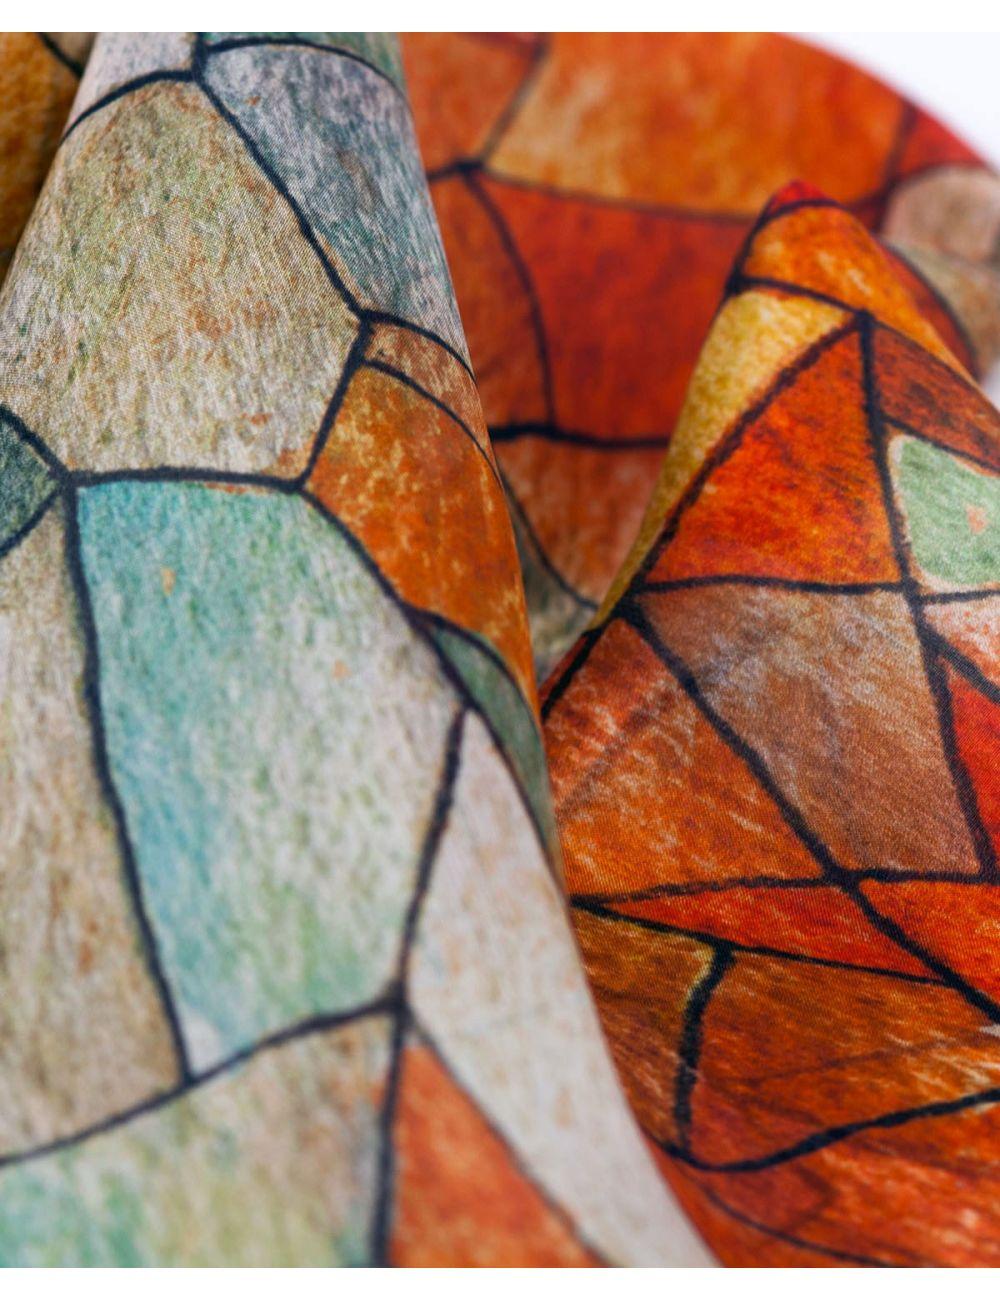 Cel i Terra, fulard de seda natural i disseny geomètric inspirat en l'art d'en Gaudí. En colors torrats.